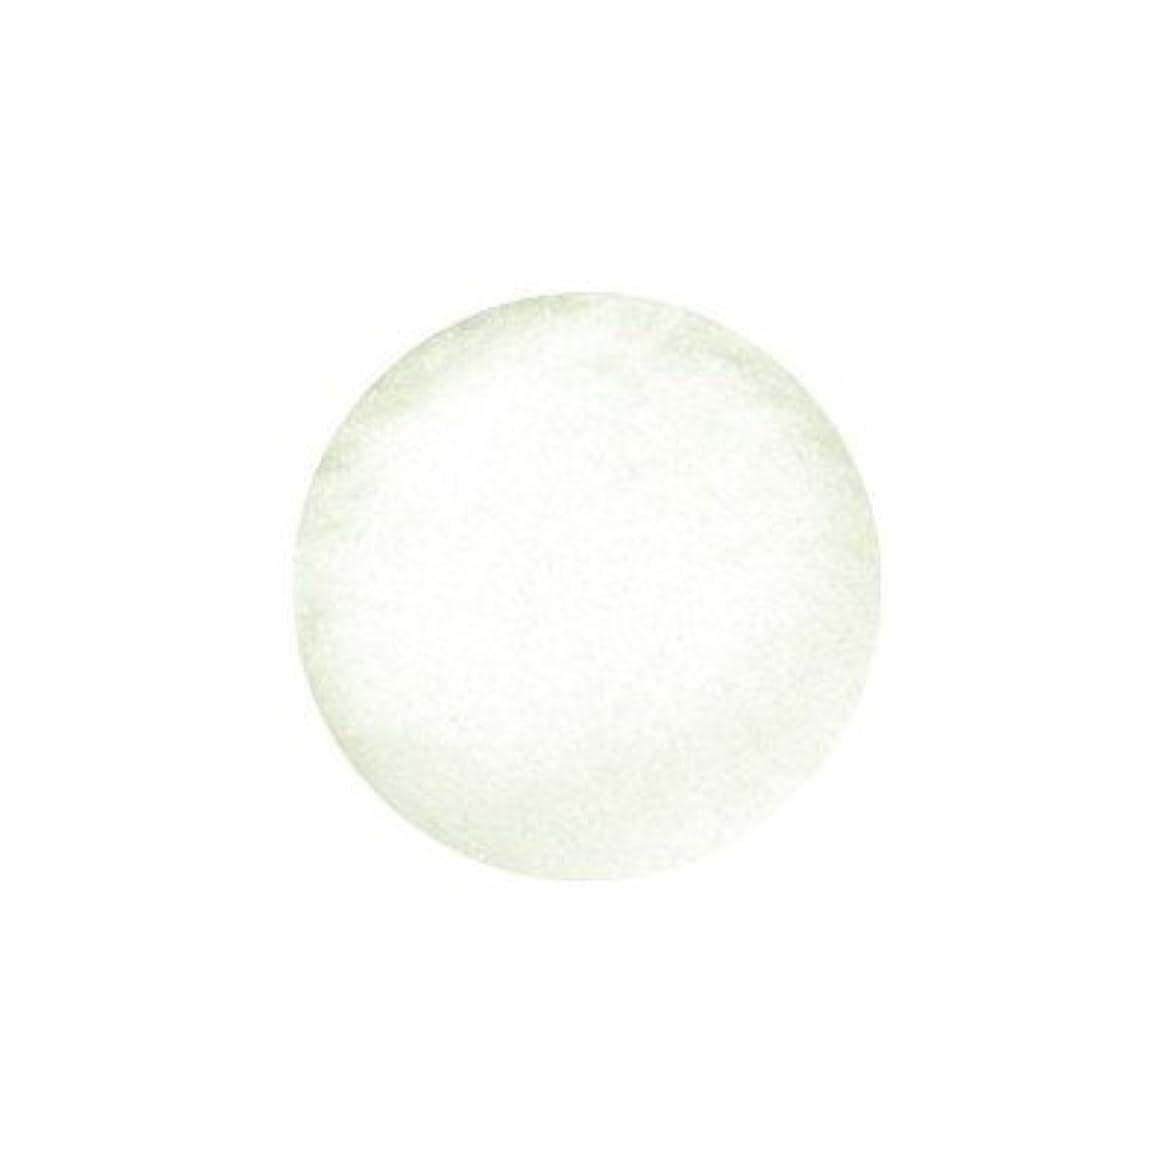 を除く麦芽霧B.N クリスタリーナ ジュエルグリッター オーロラレモン 100ミクロン CRN-10